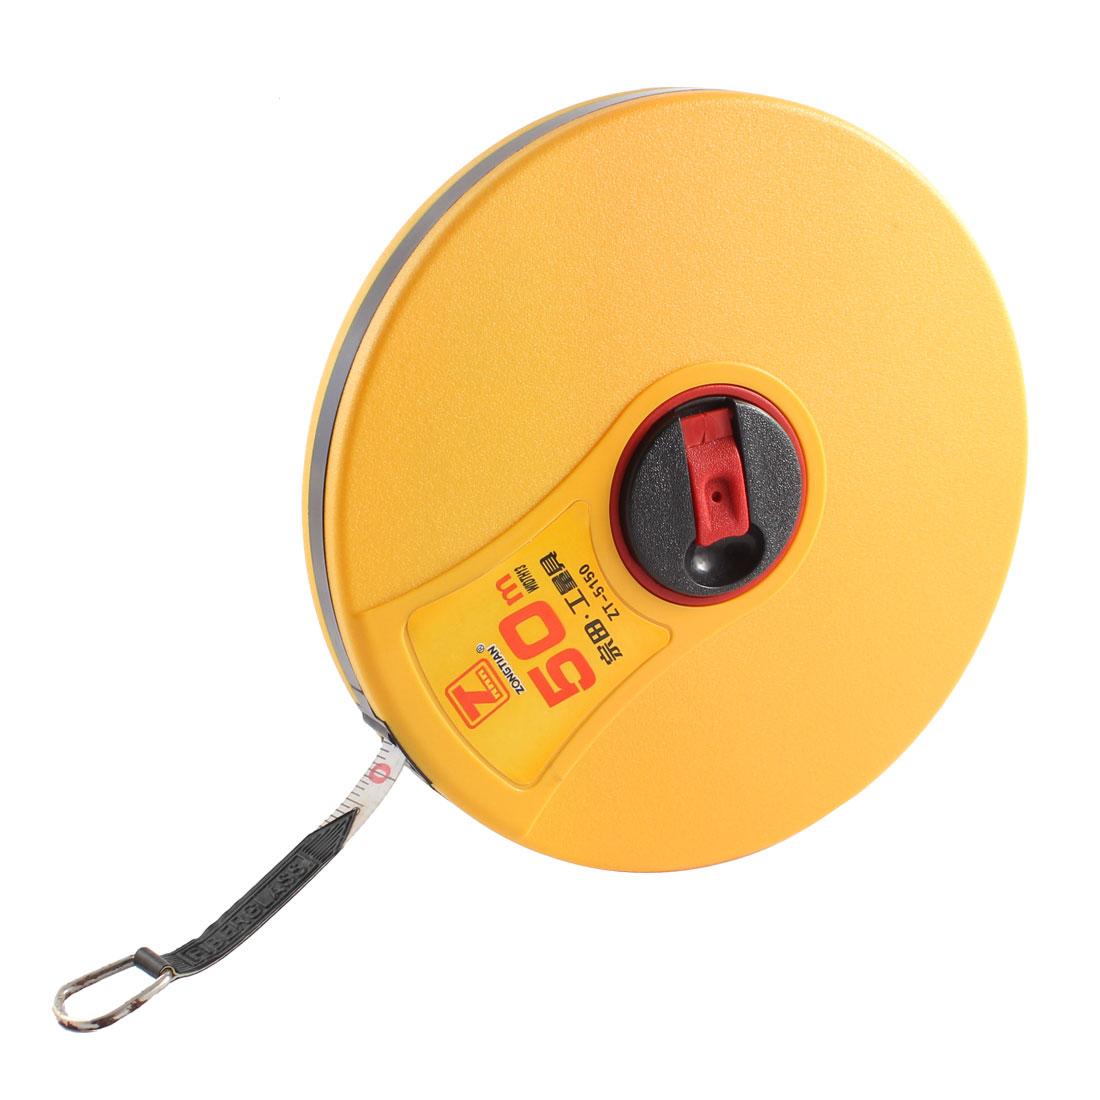 Round Shape Fibreglass Surveyors Measuring Tape Measure Tool Yellow 50M